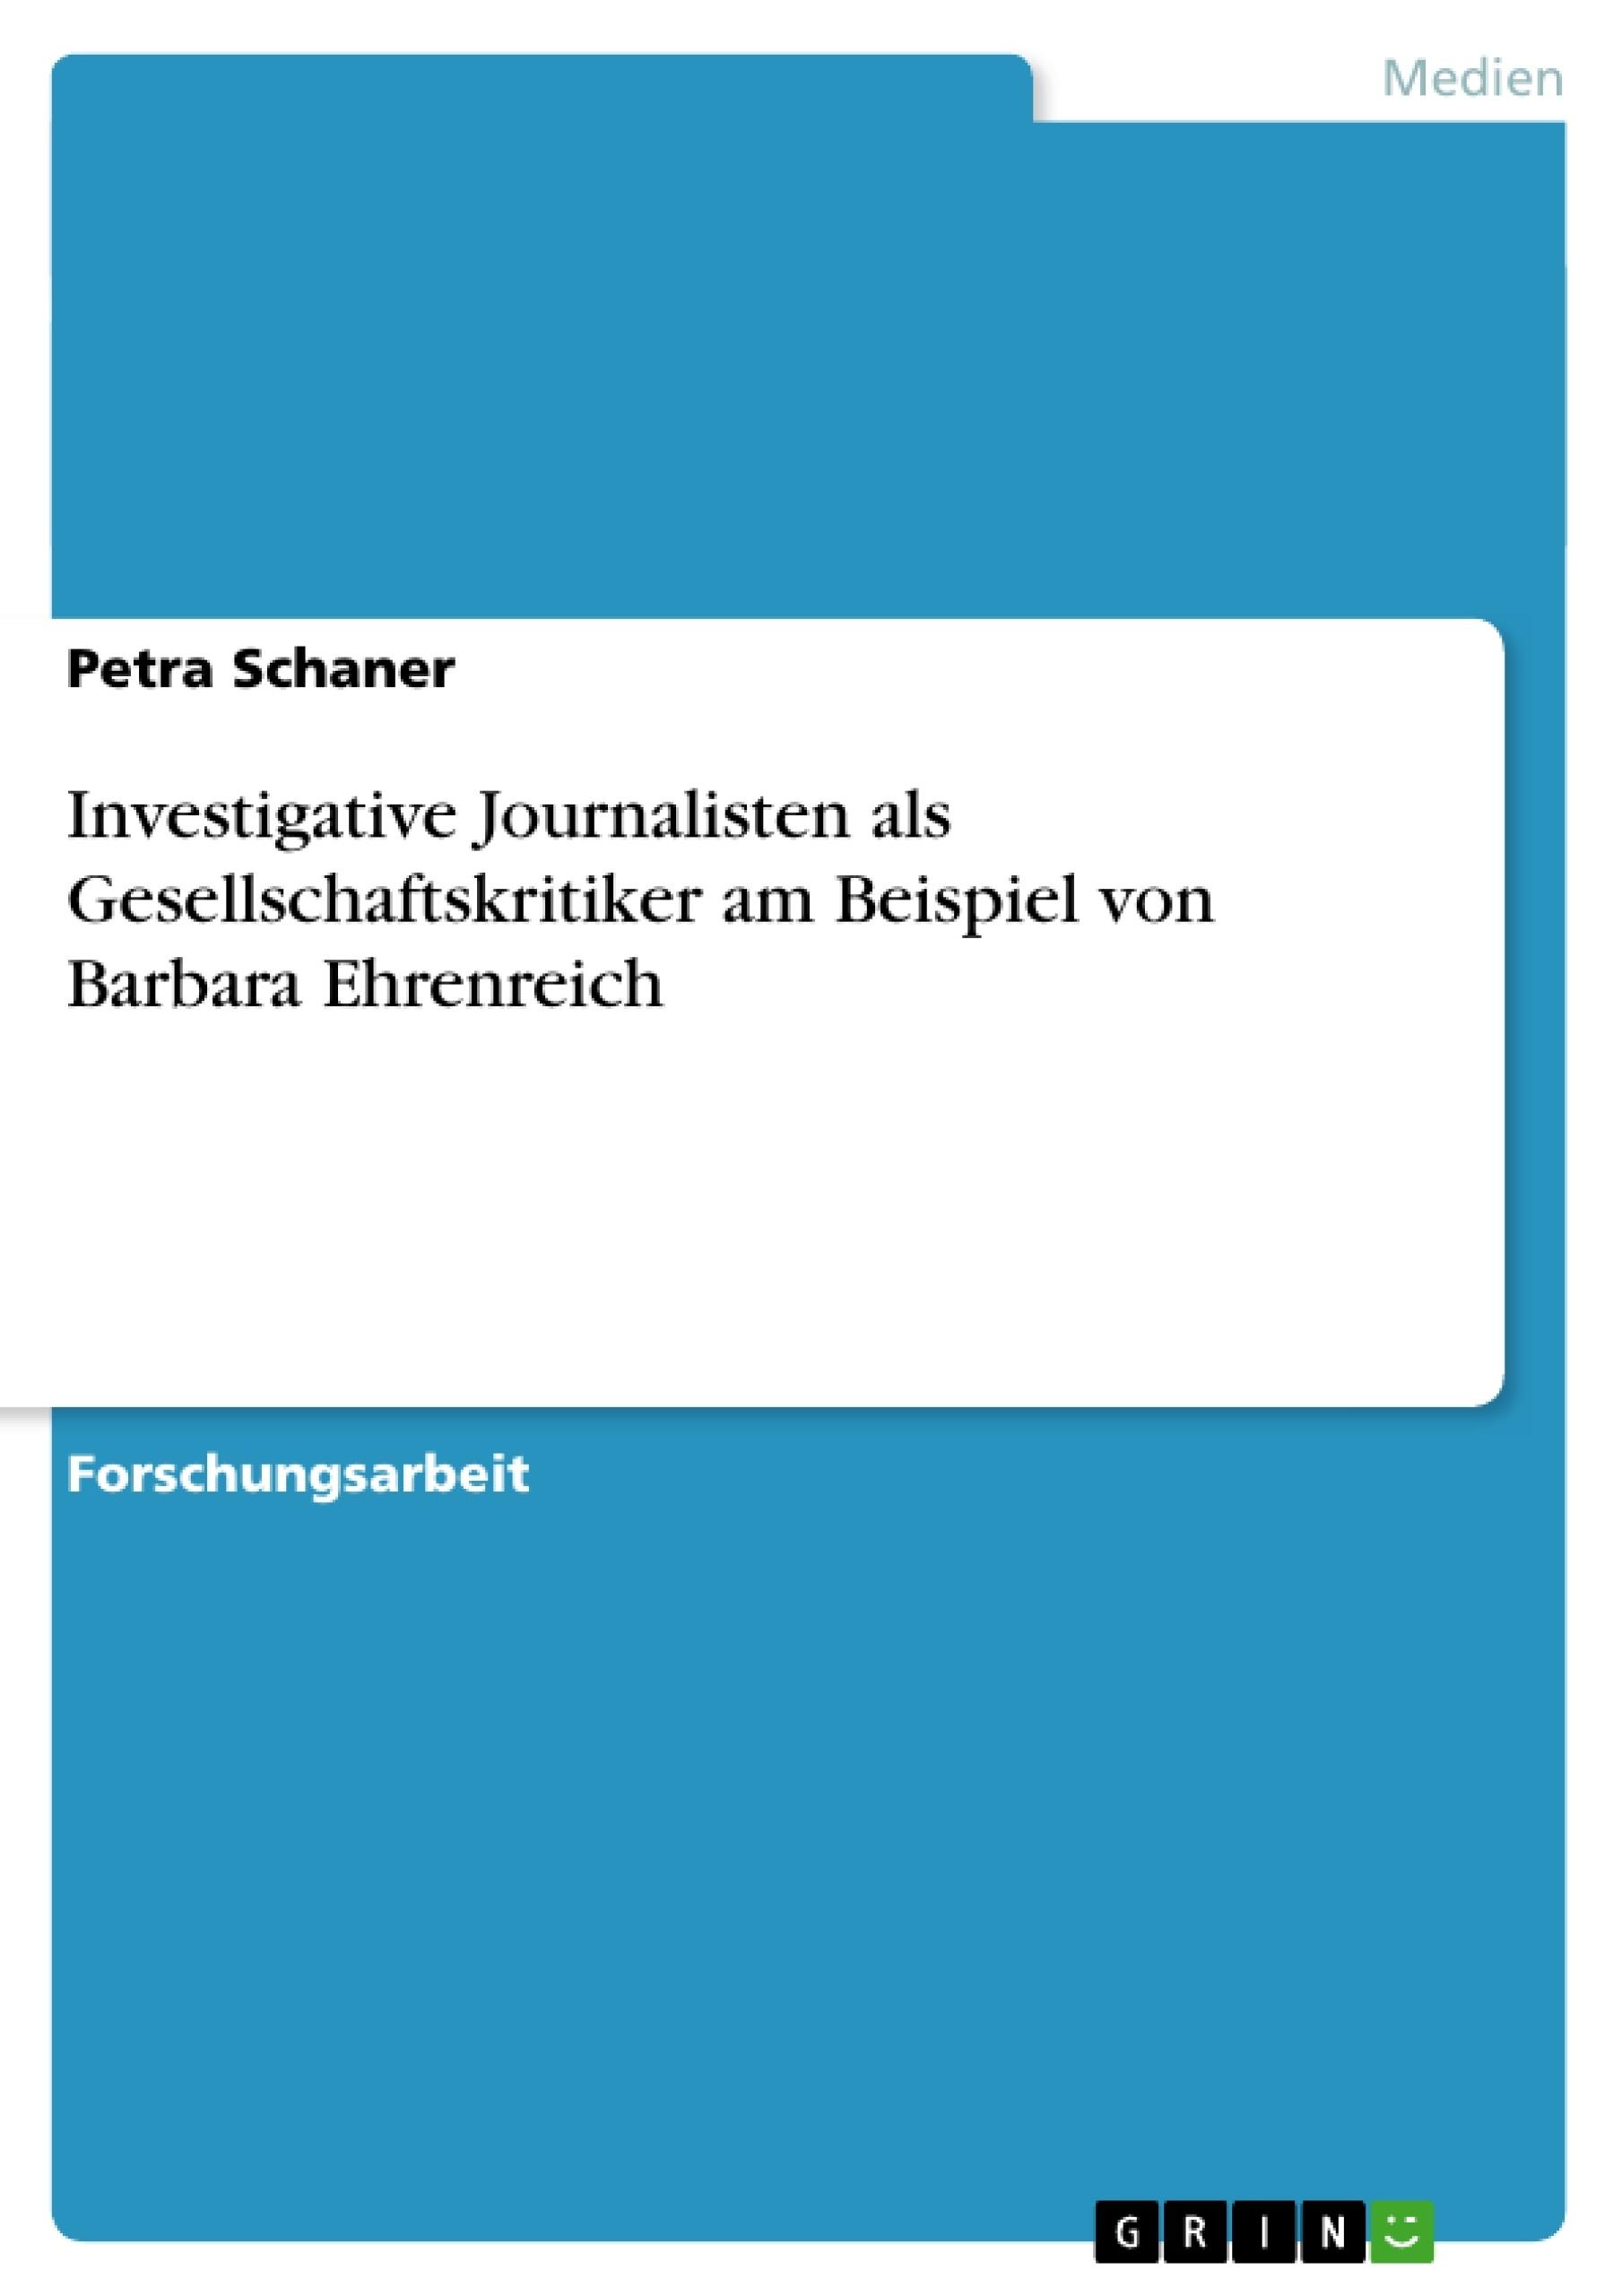 Titel: Investigative Journalisten als Gesellschaftskritiker am Beispiel von Barbara Ehrenreich